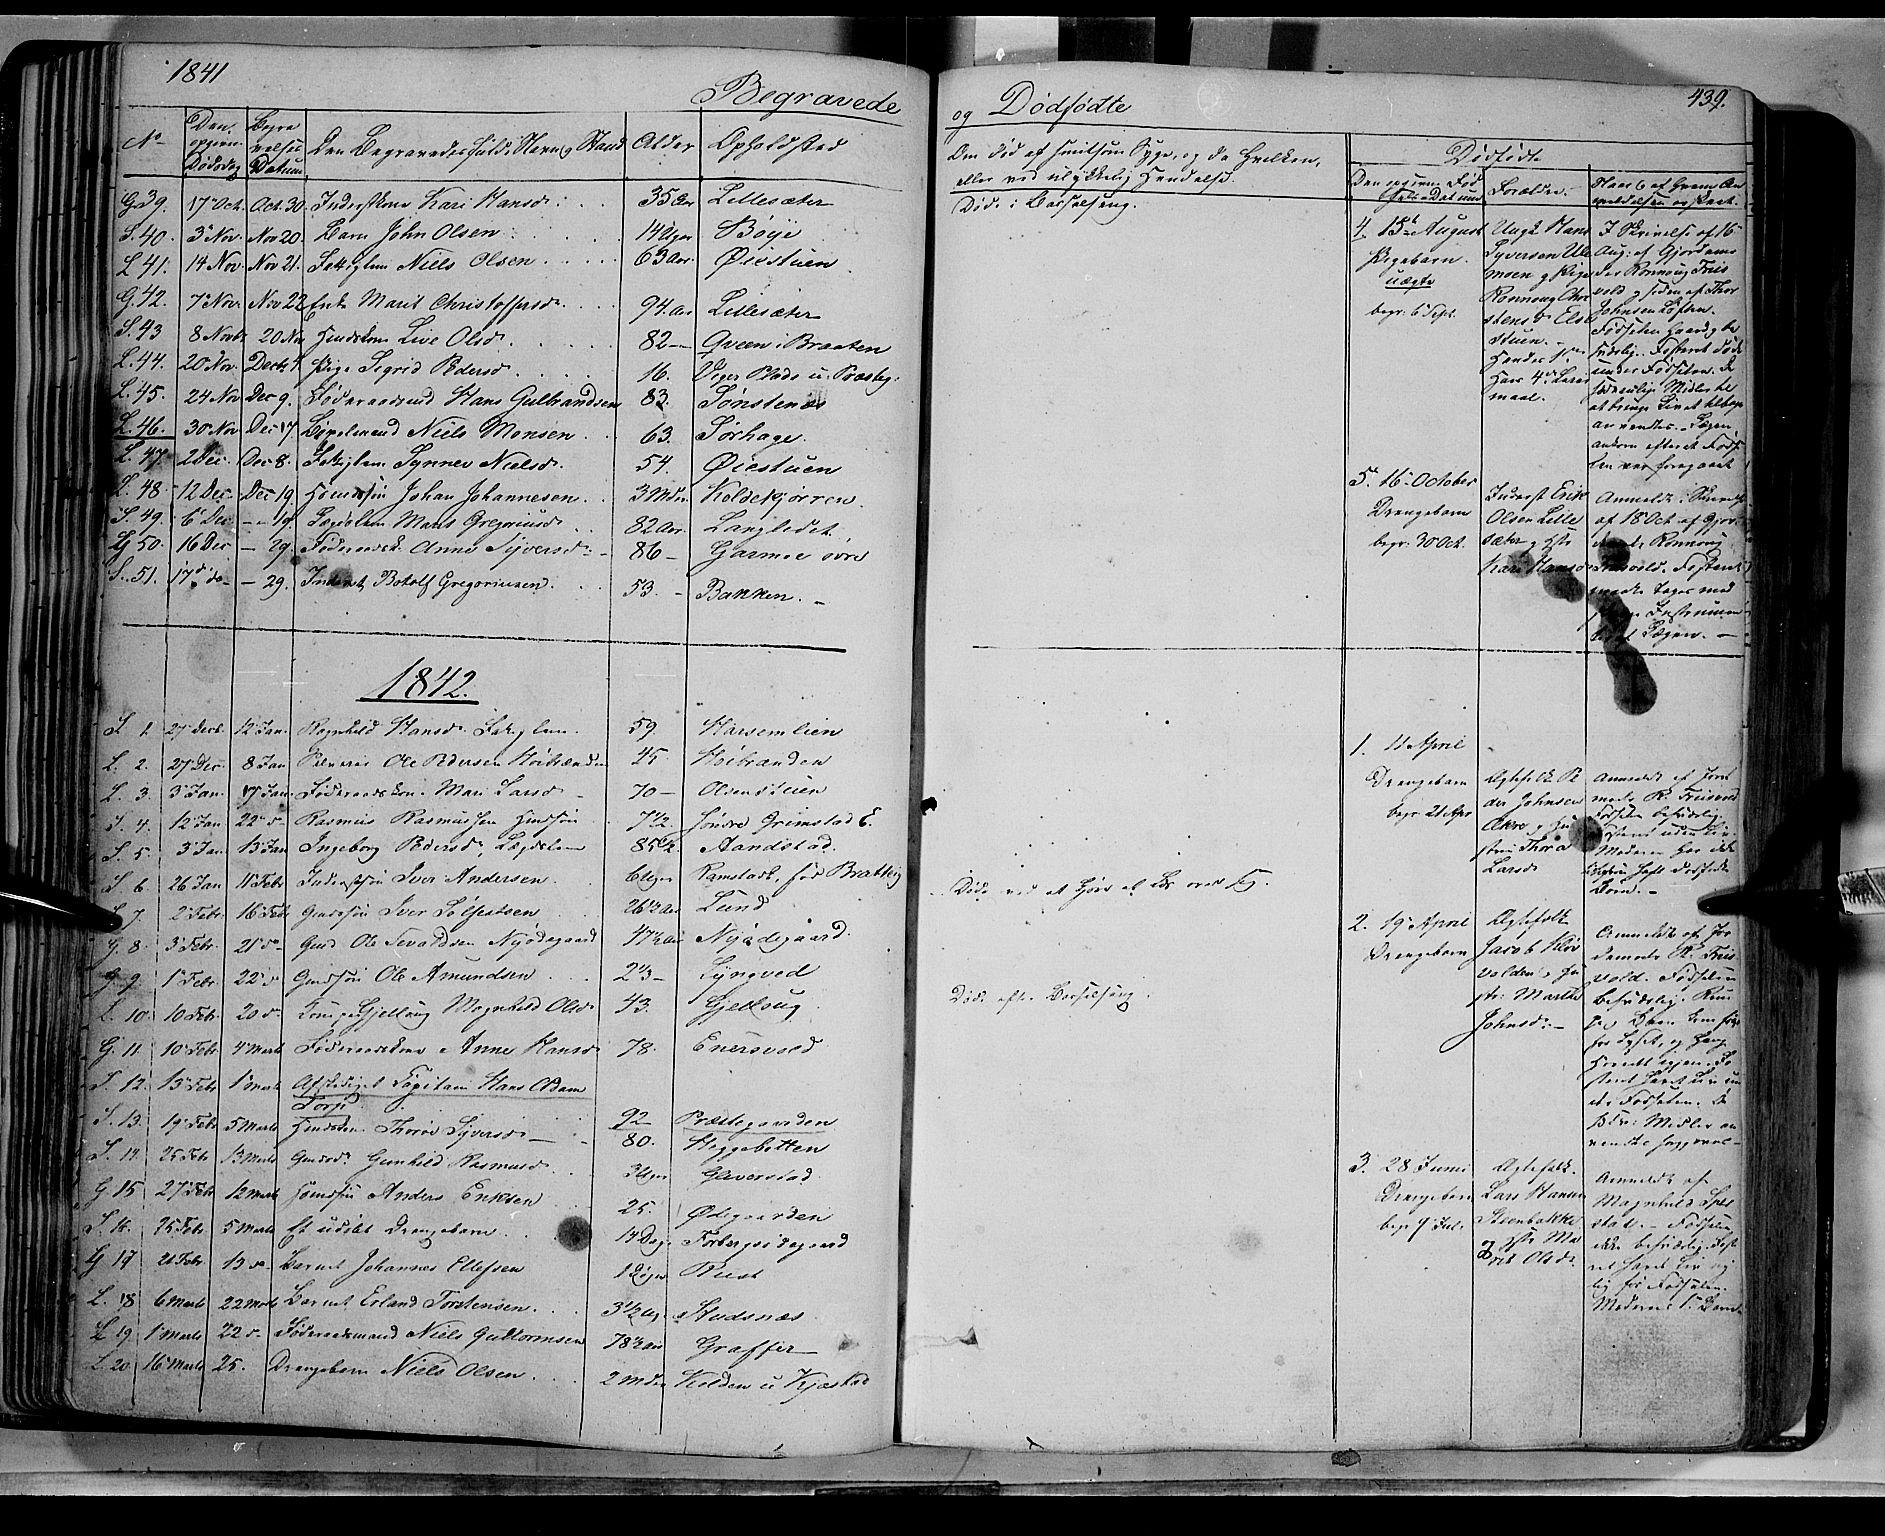 SAH, Lom prestekontor, K/L0006: Ministerialbok nr. 6B, 1837-1863, s. 439